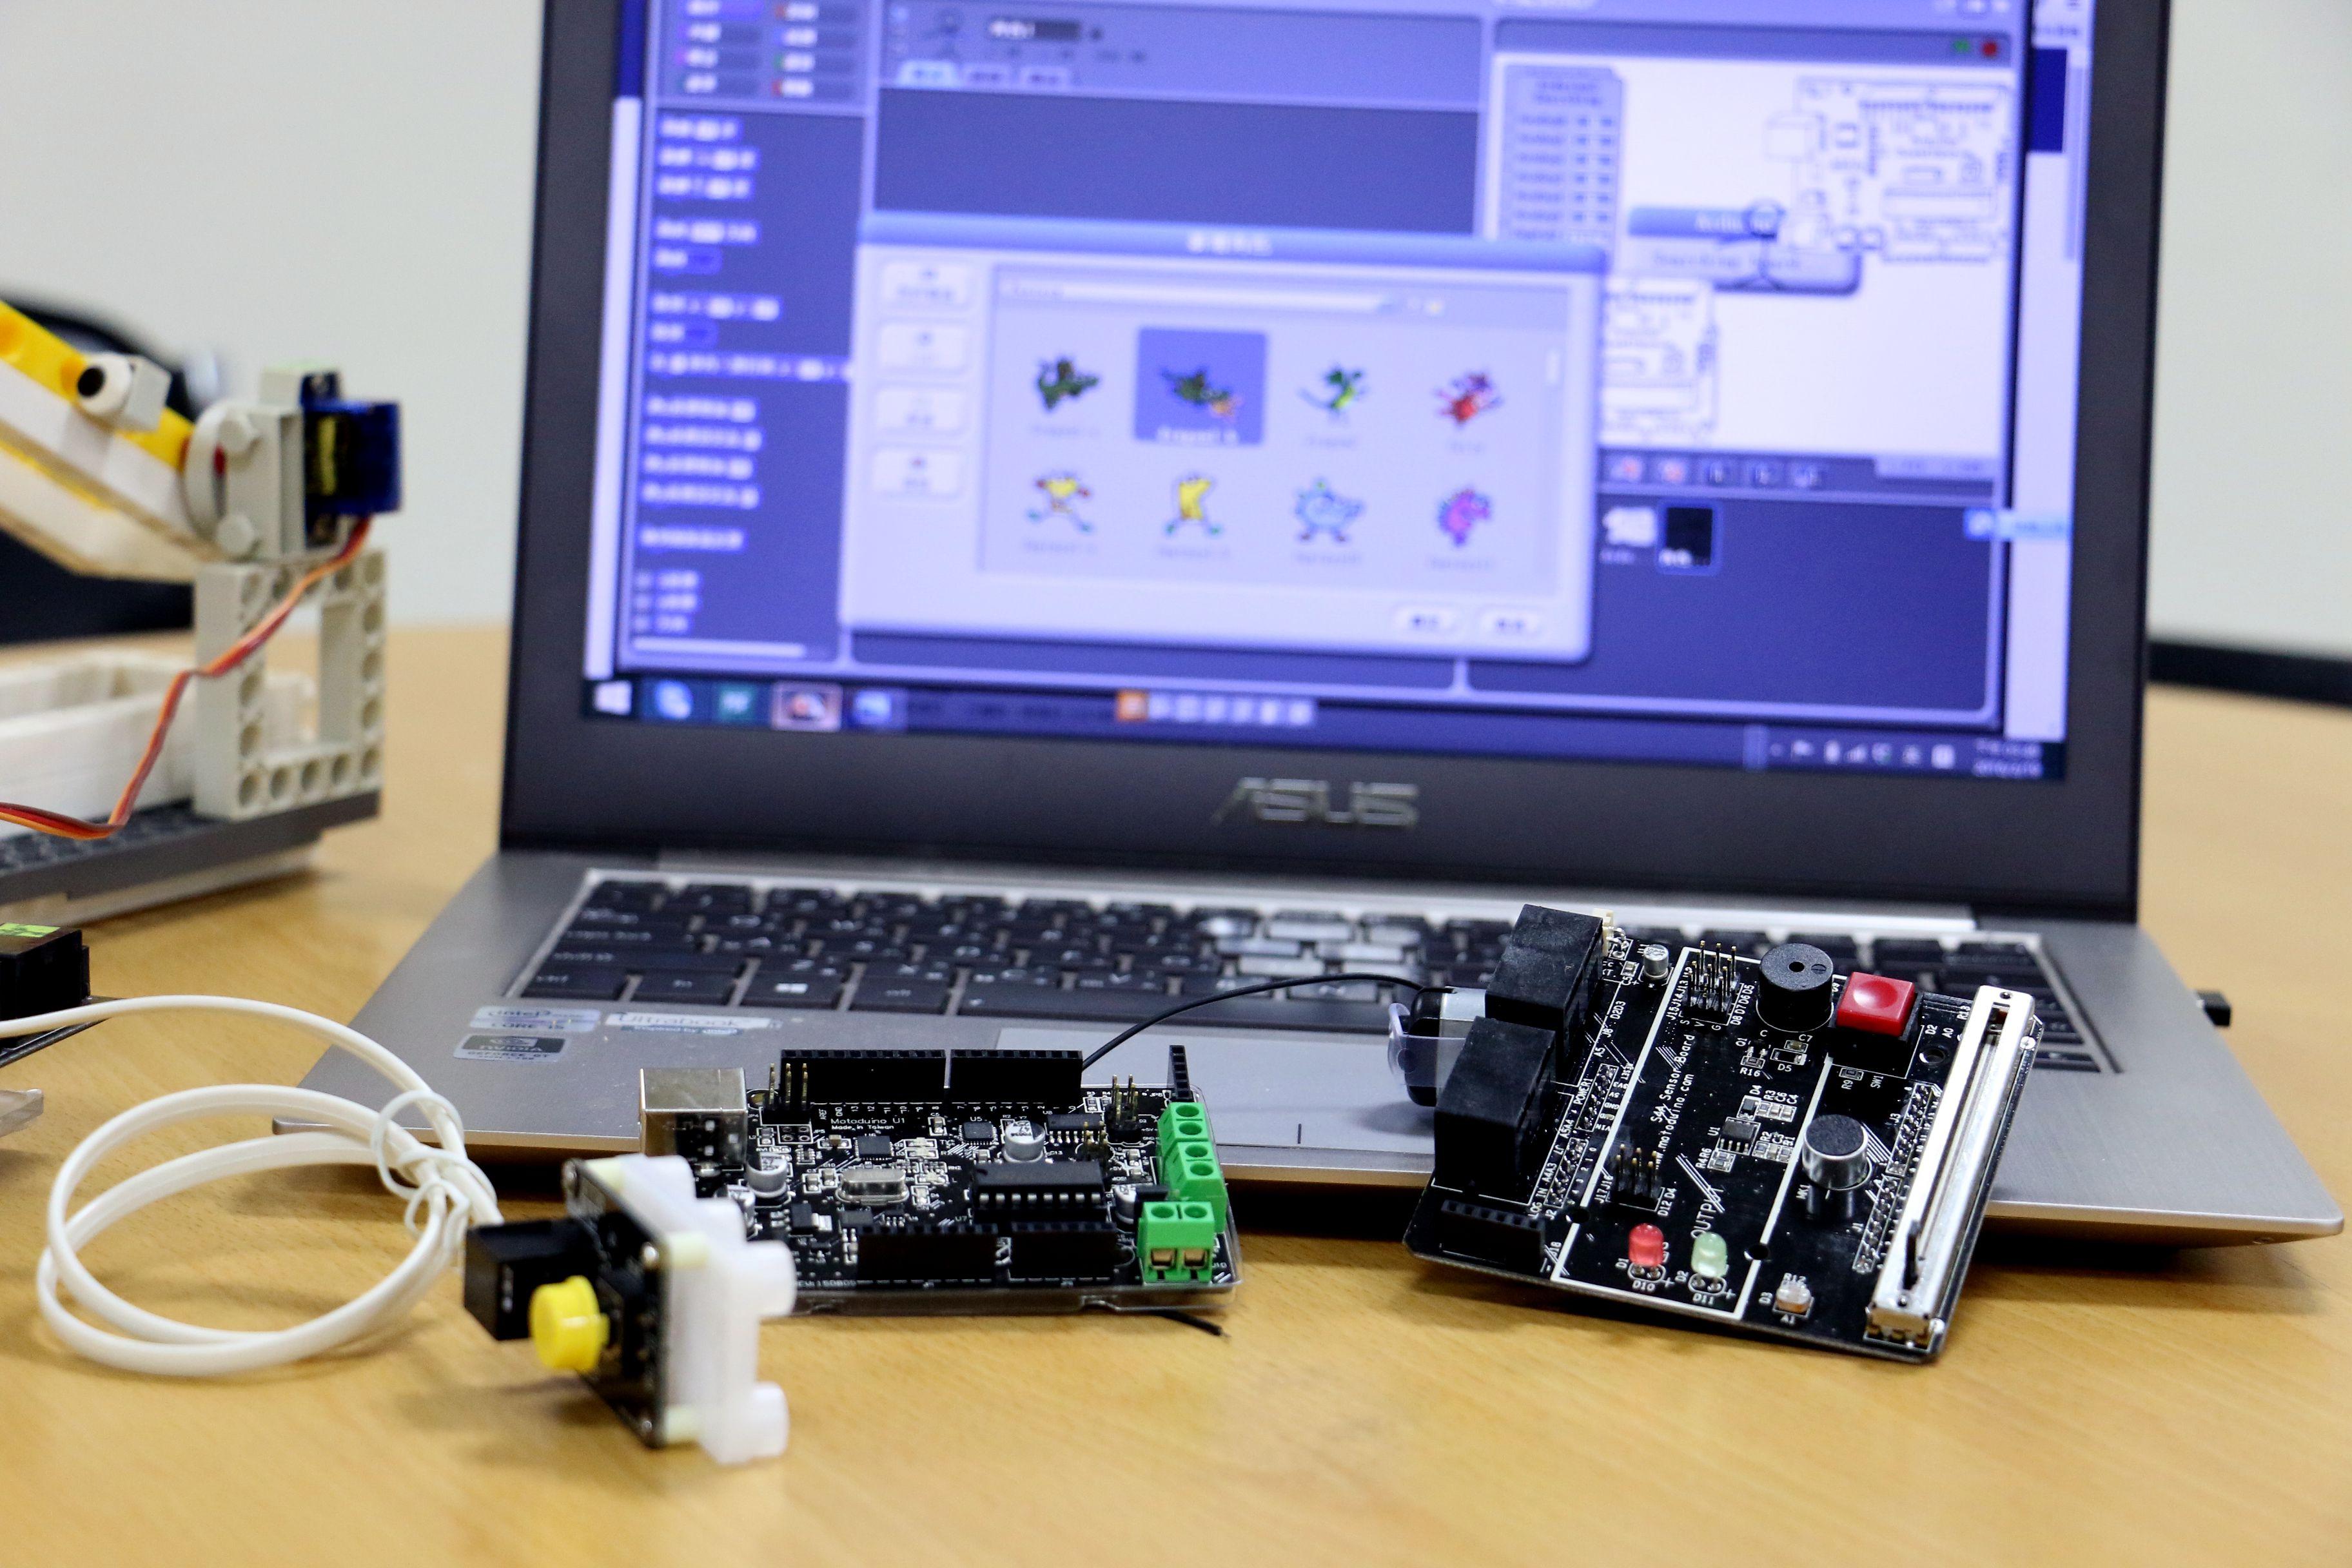 【Maker Club】用 Scratch 玩 Arduino入門第一課!認識Scratch介面開發環境,玩好積木角色及造型